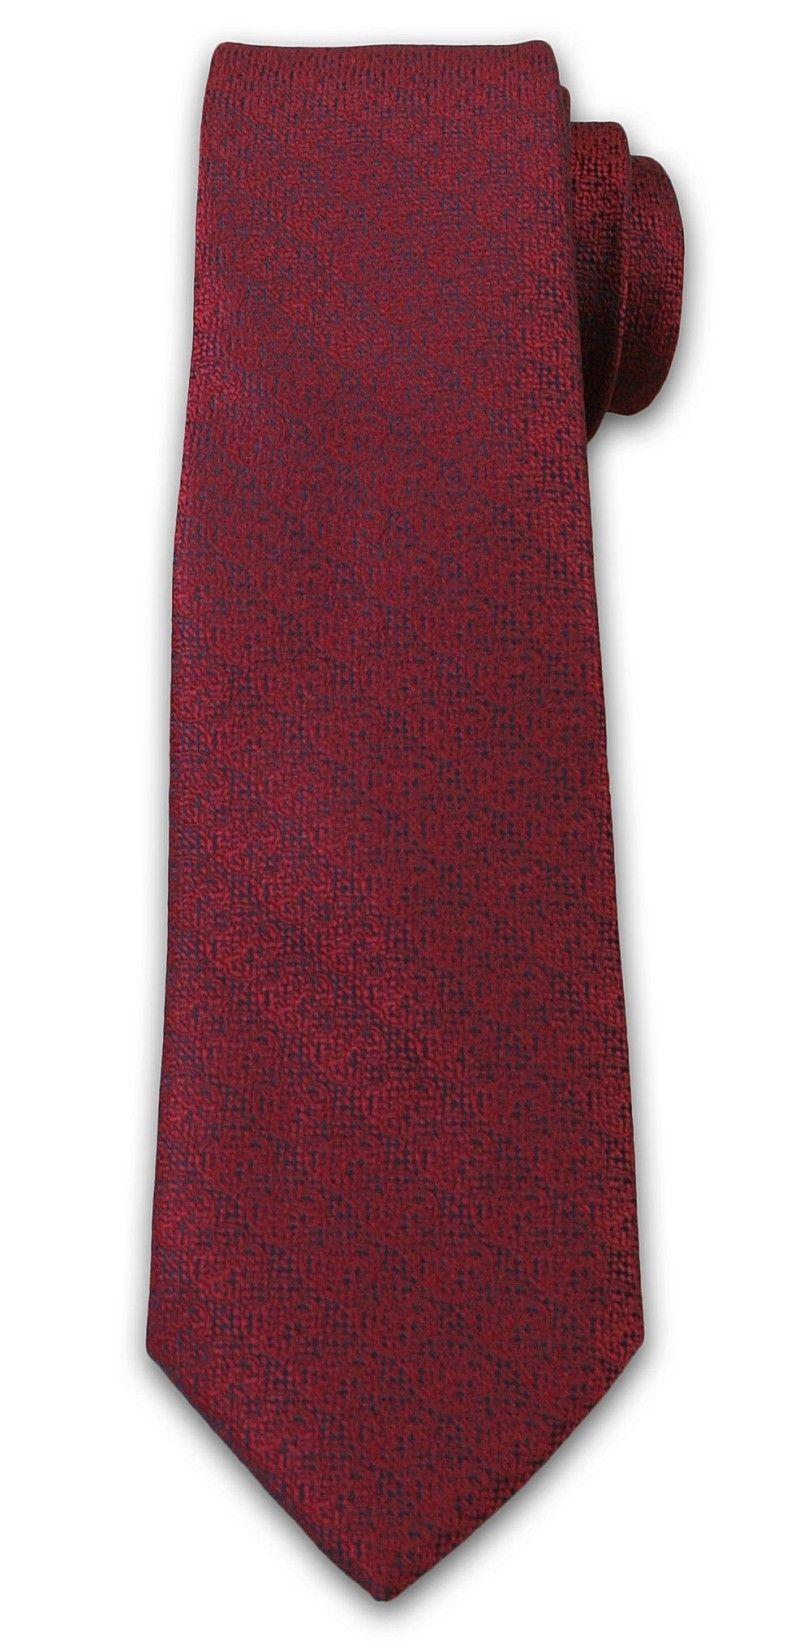 Krawat Męski z Drobnym Wzorkiem - Chattier- 6,7 cm - Czerwień KRCH1025